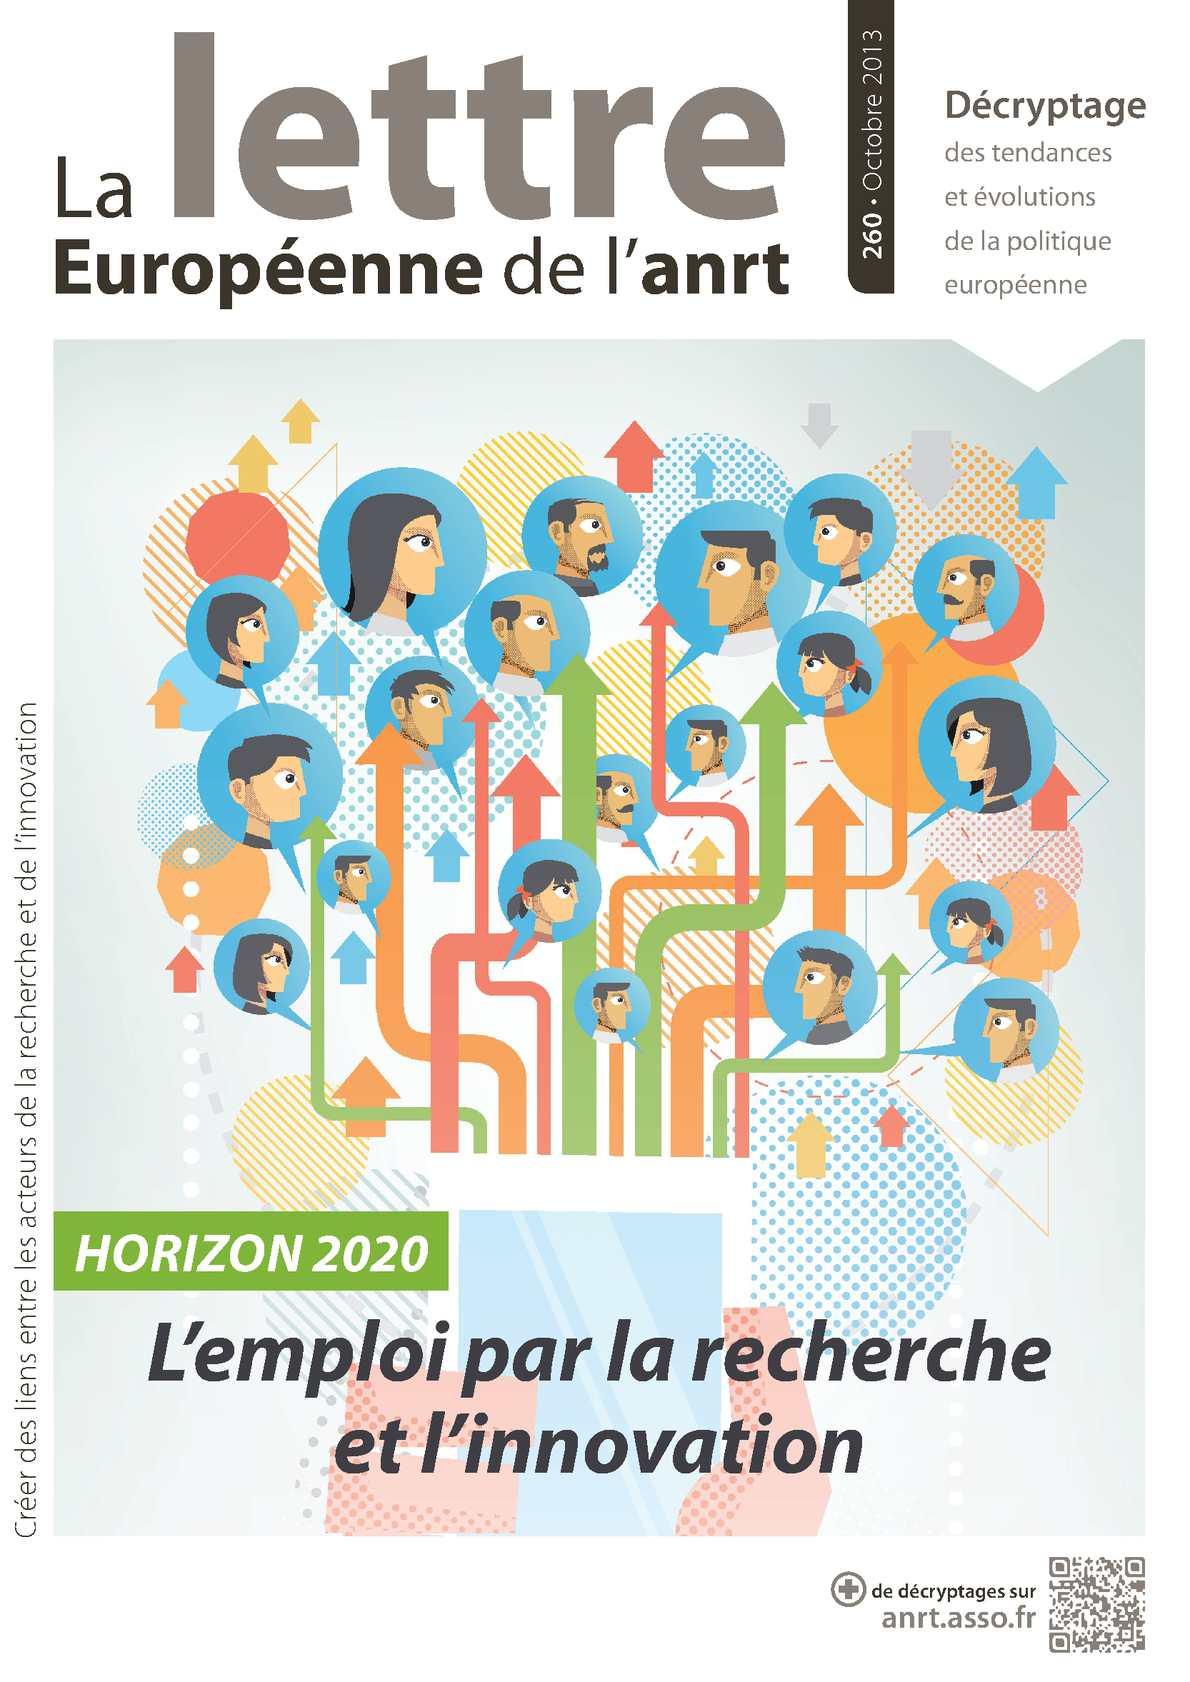 LETTRE EUROPEENNE DE L'ANRT